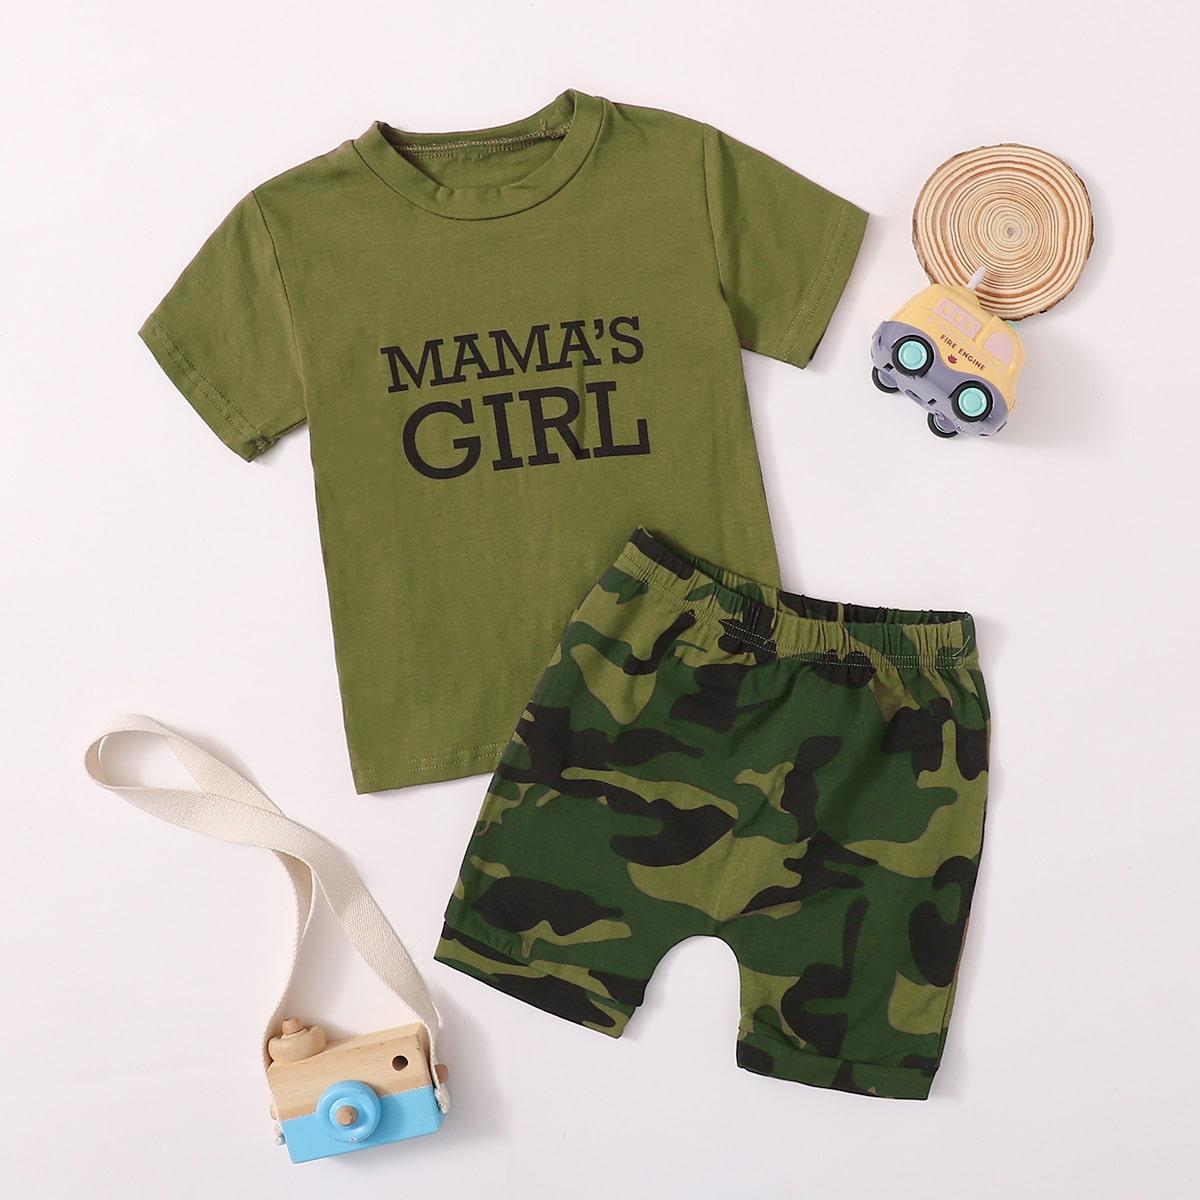 Камуфляжные шорты и футболка с текстовым принтом для девочек фото